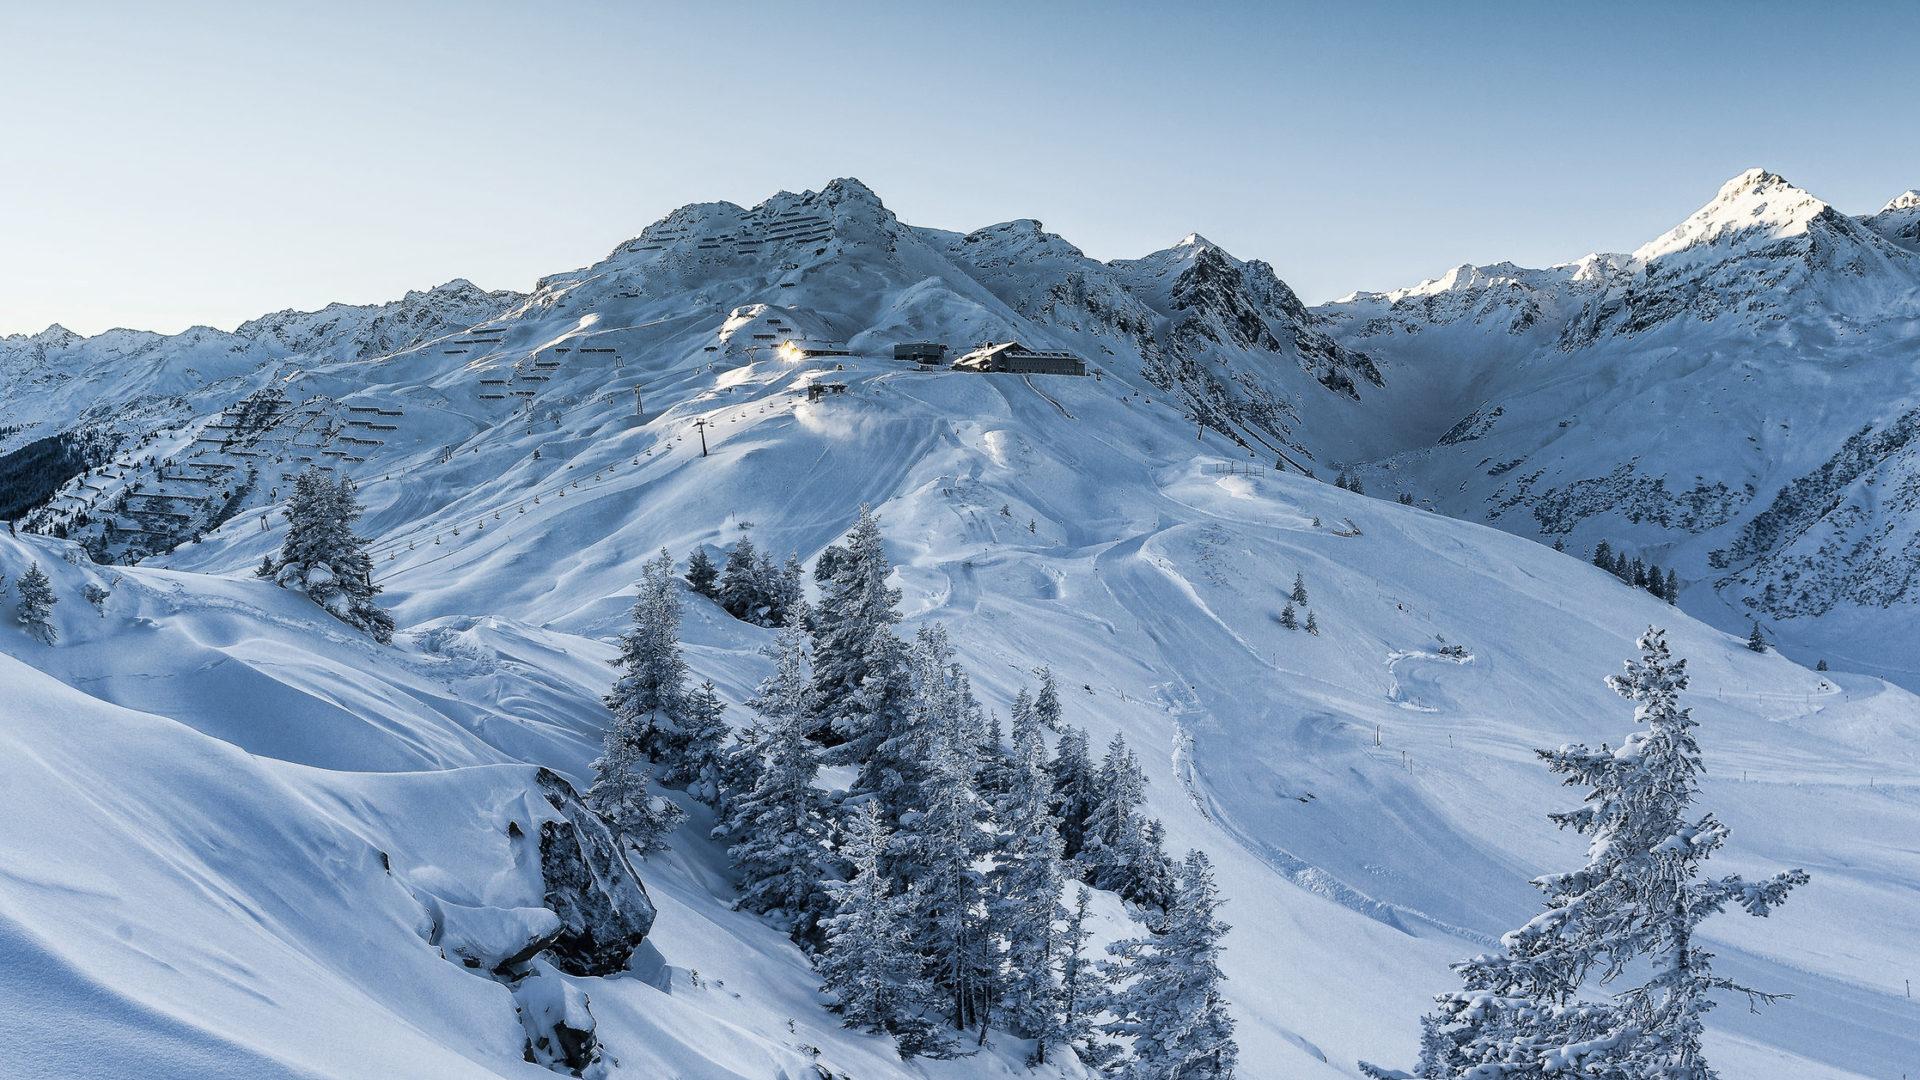 Blick zur Nova Stoba, Silvretta Montafon, Regionen Vorarlberg © Stefan Kothner / Silvretta Montafon